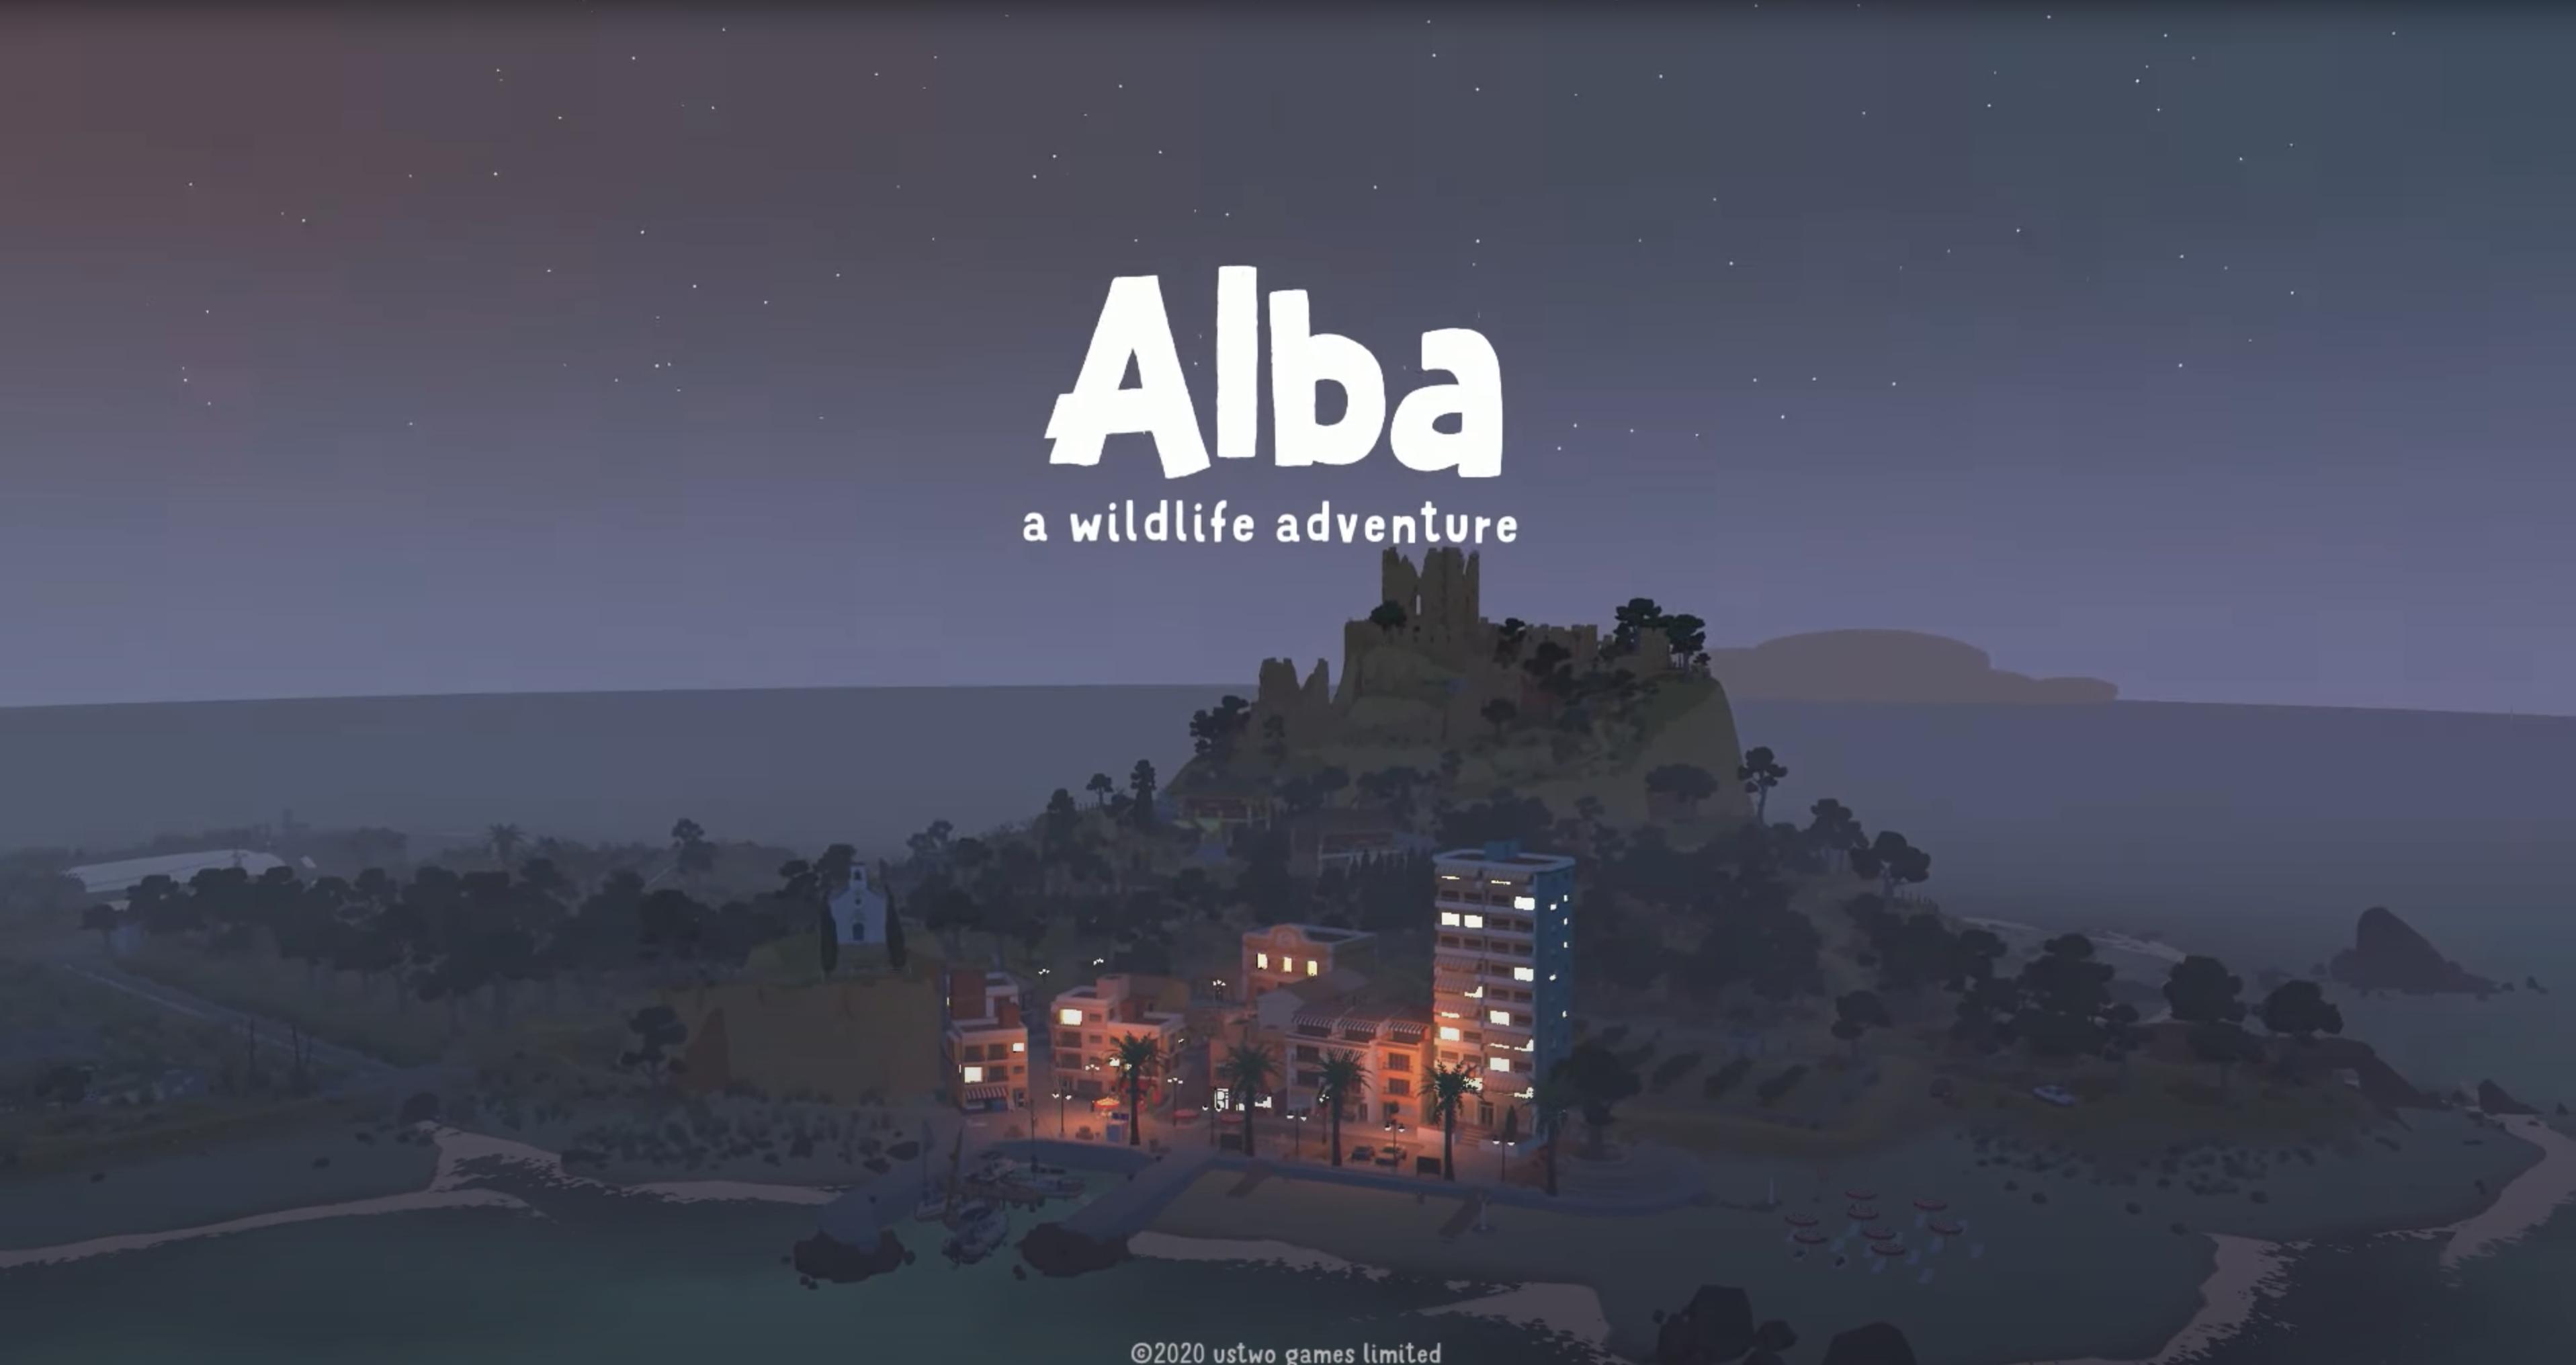 Alba: A Wildlife Adventure Arrives on Apple Arcade